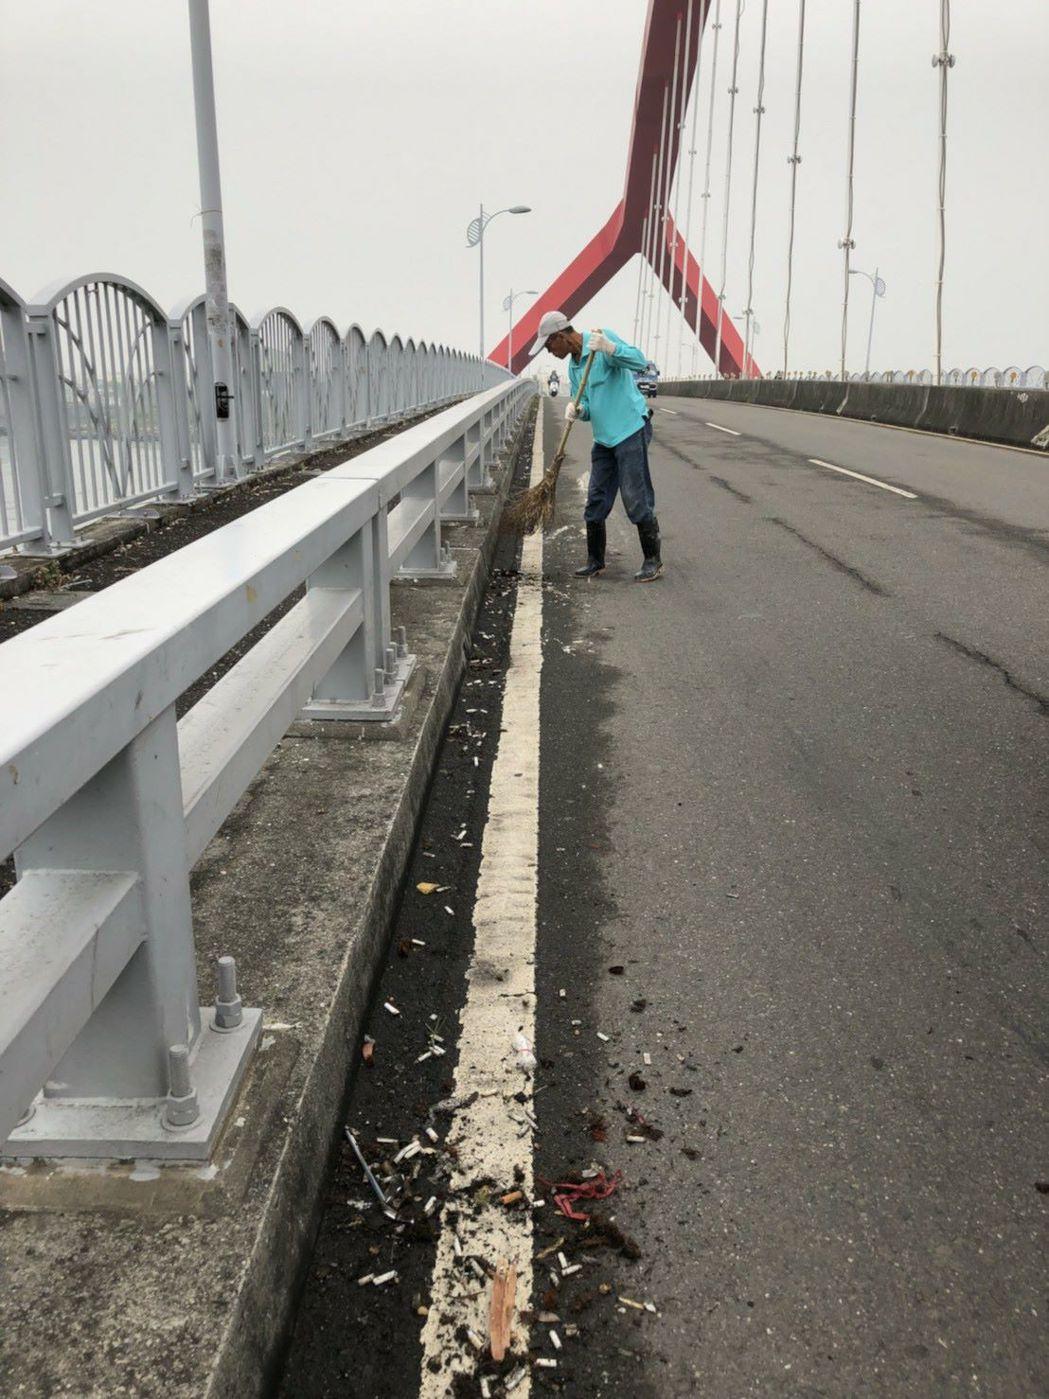 東港鎮東所清潔隊前往打掃發現釣客留下一地菸蒂及檳榔渣。記者蔣繼平/翻攝